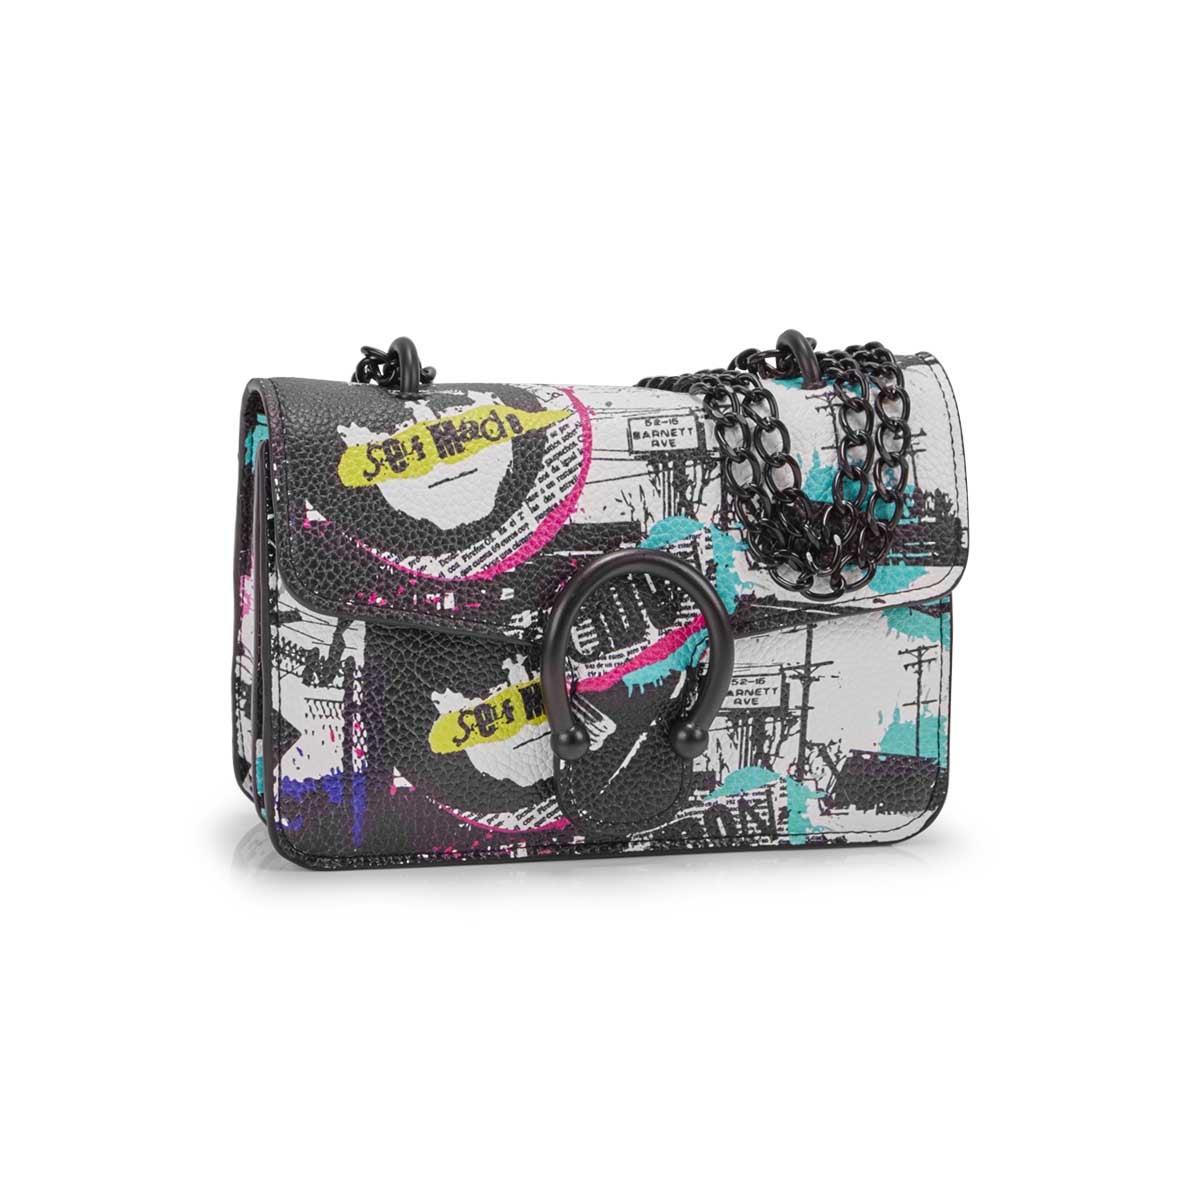 Women's BPEGGY black/multi pop art crossbody bag